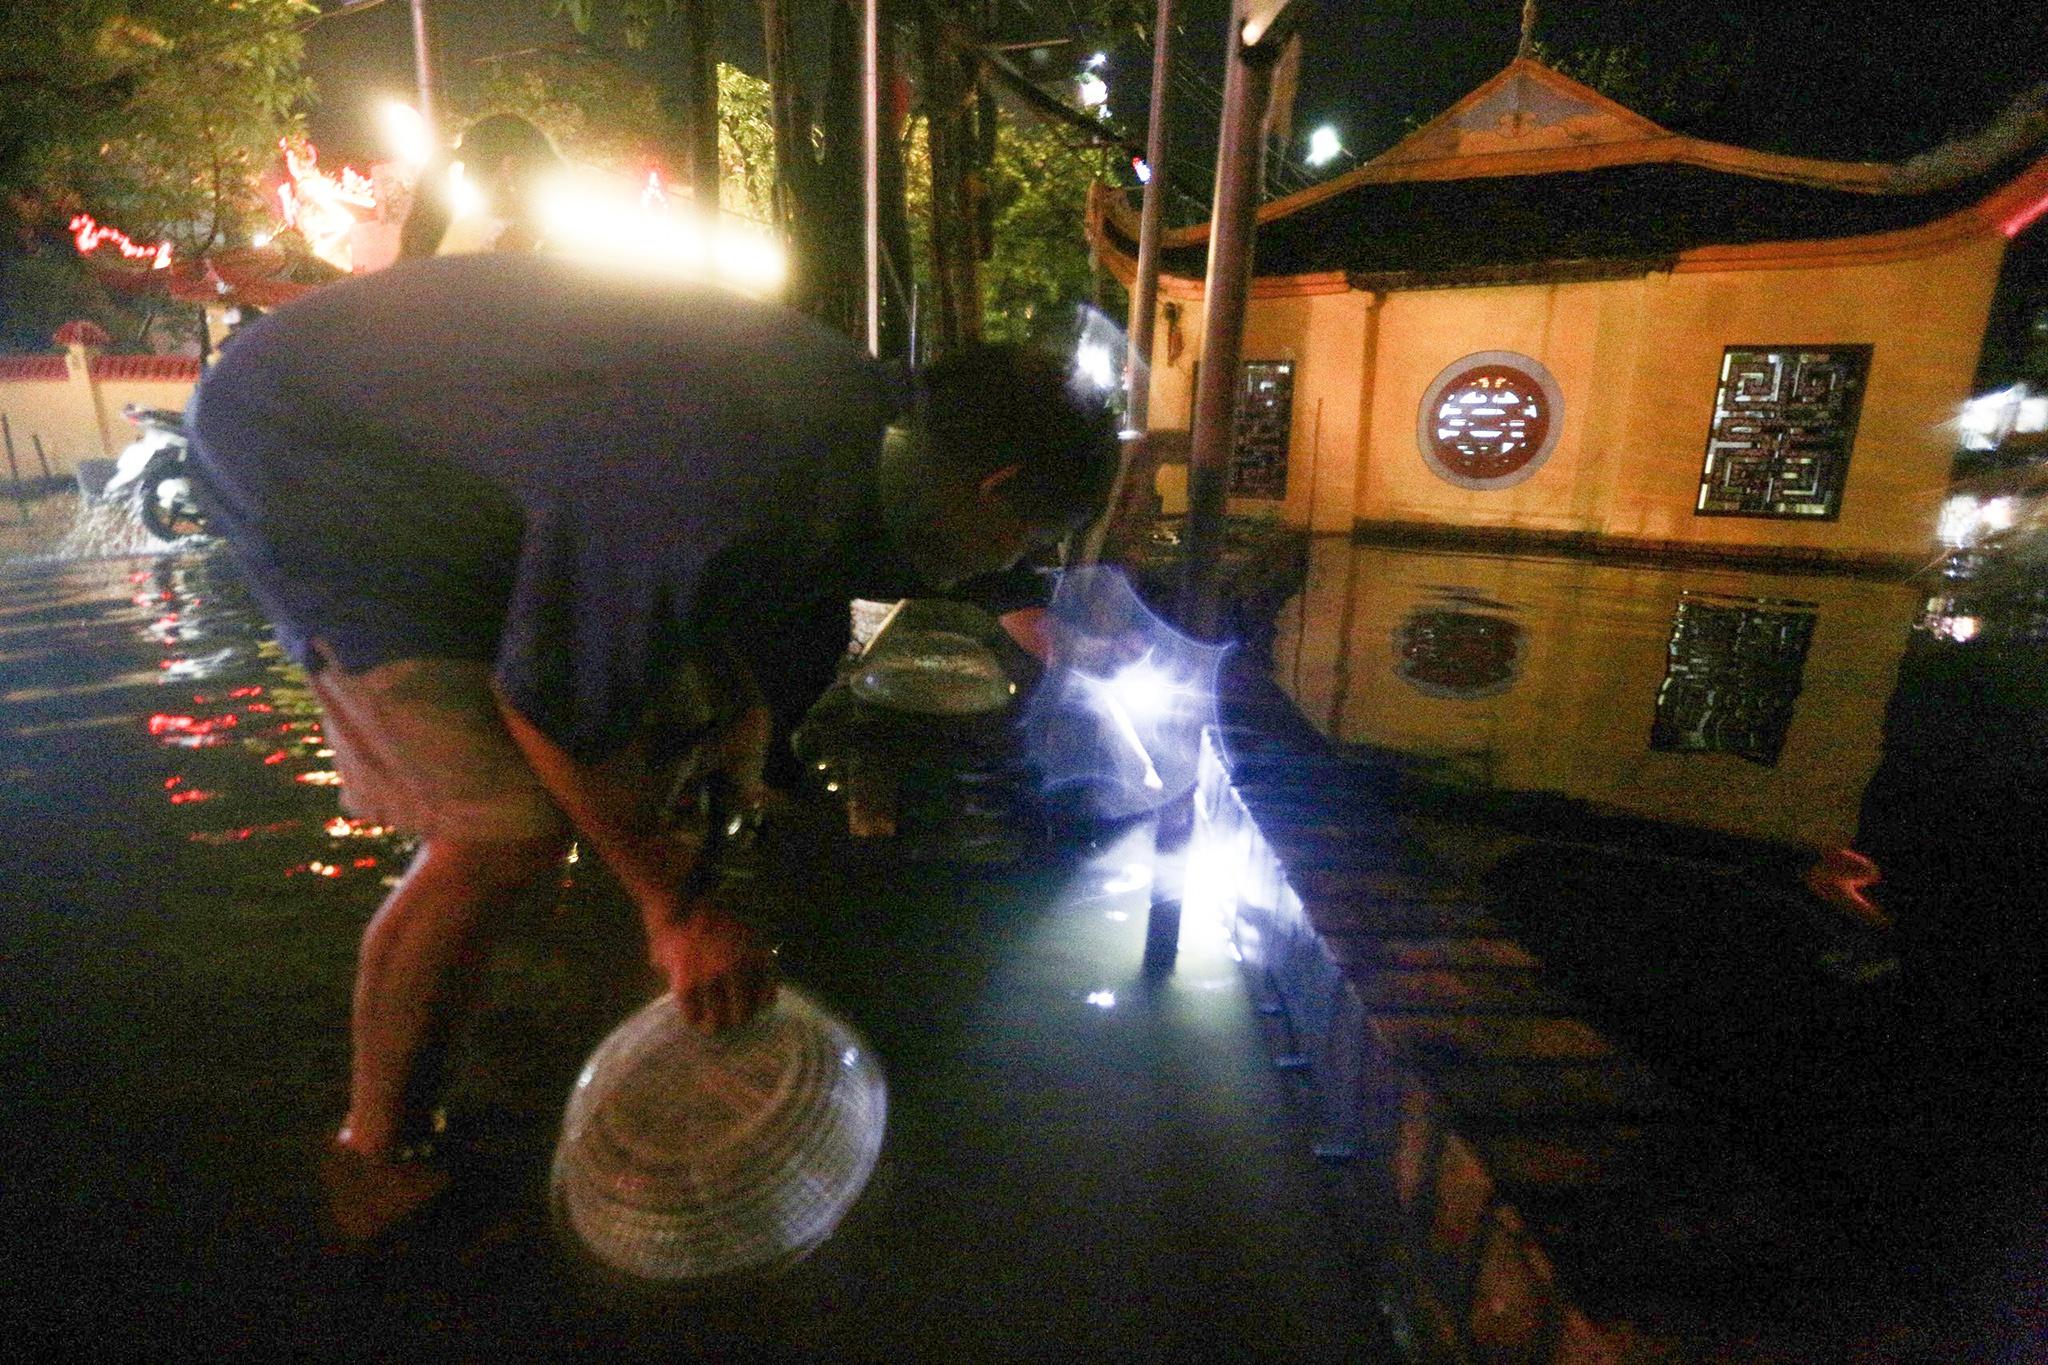 Bắt cá giữa đường sau mưa ngập ở Hà Nội - Ảnh 3.